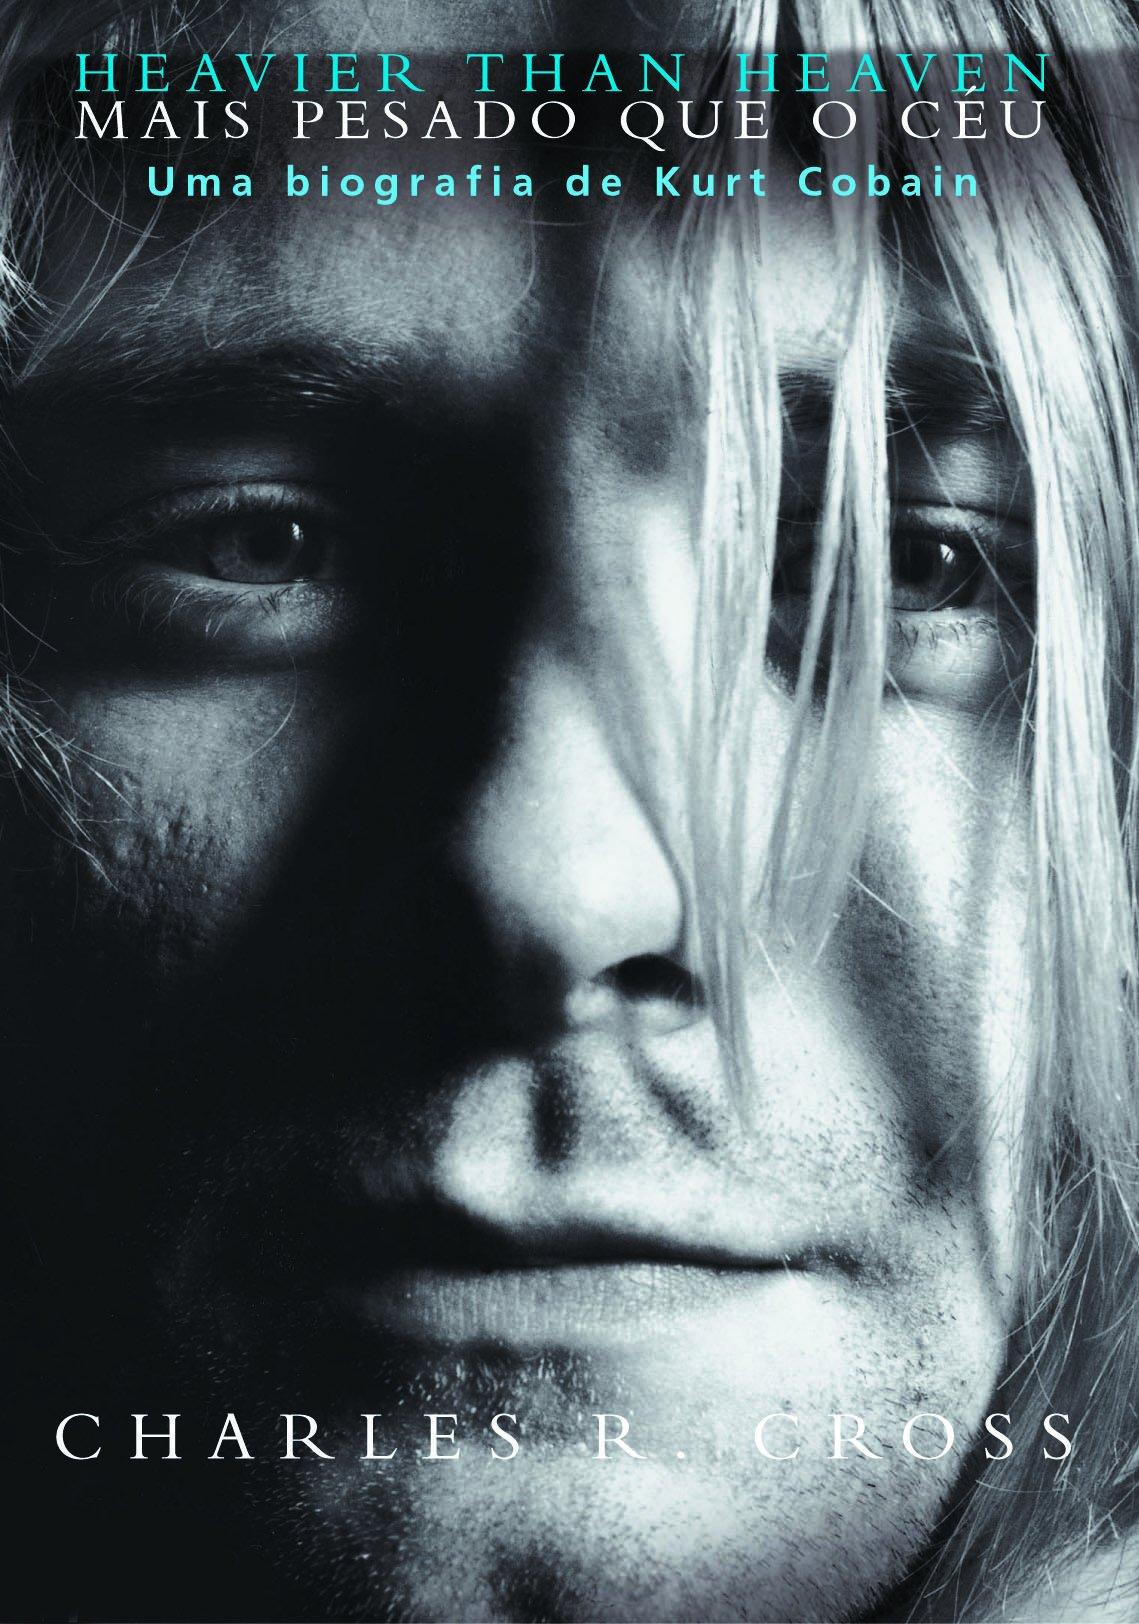 Heavier THAN Heaven - Mais Pesado Que o Ceu: UMA Biografia de KURT Cobain